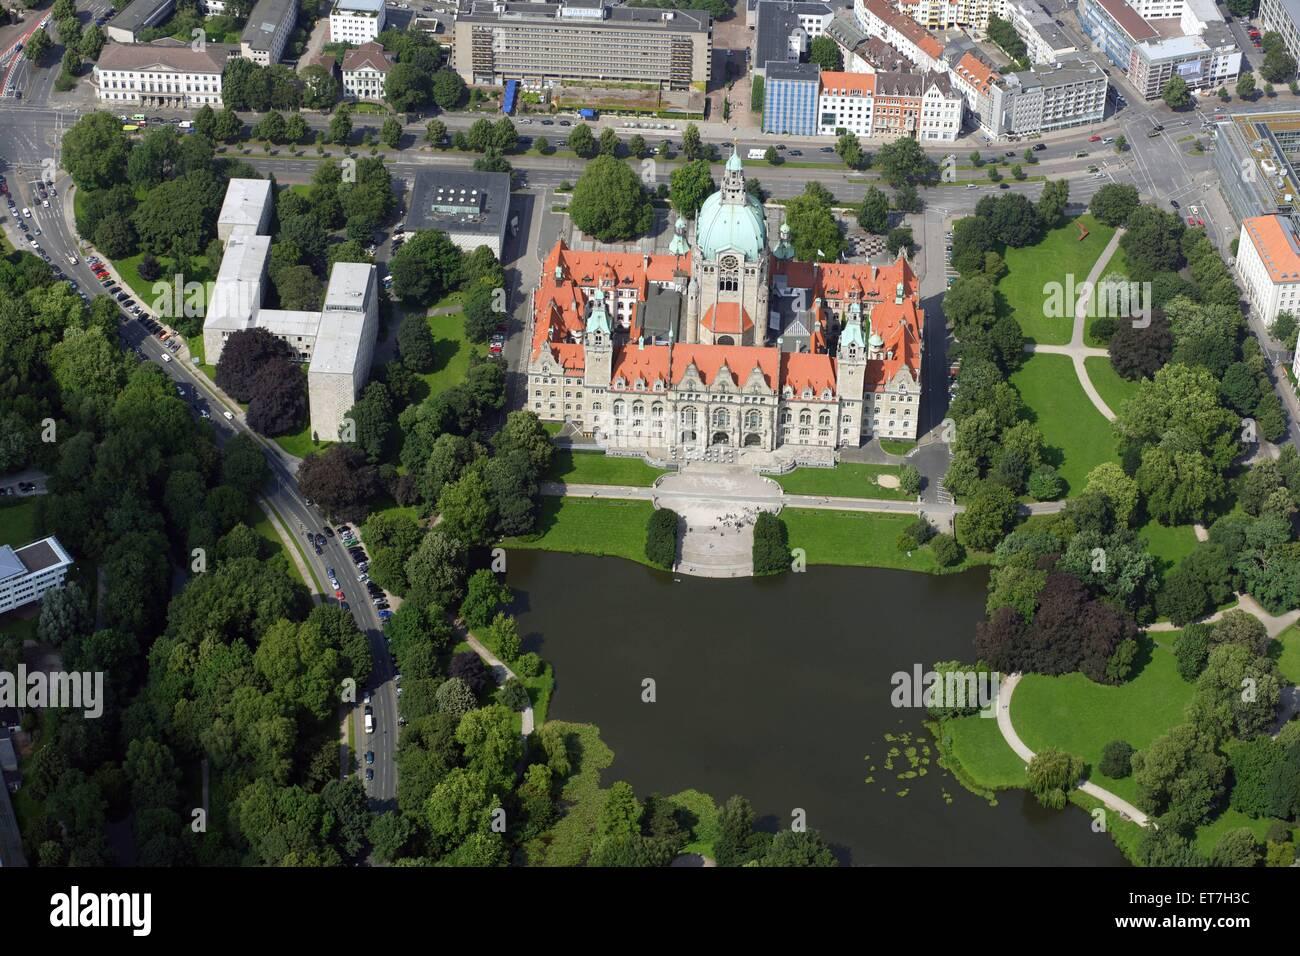 Neues Rathaus Am Maschteich In Hannover Neustadt